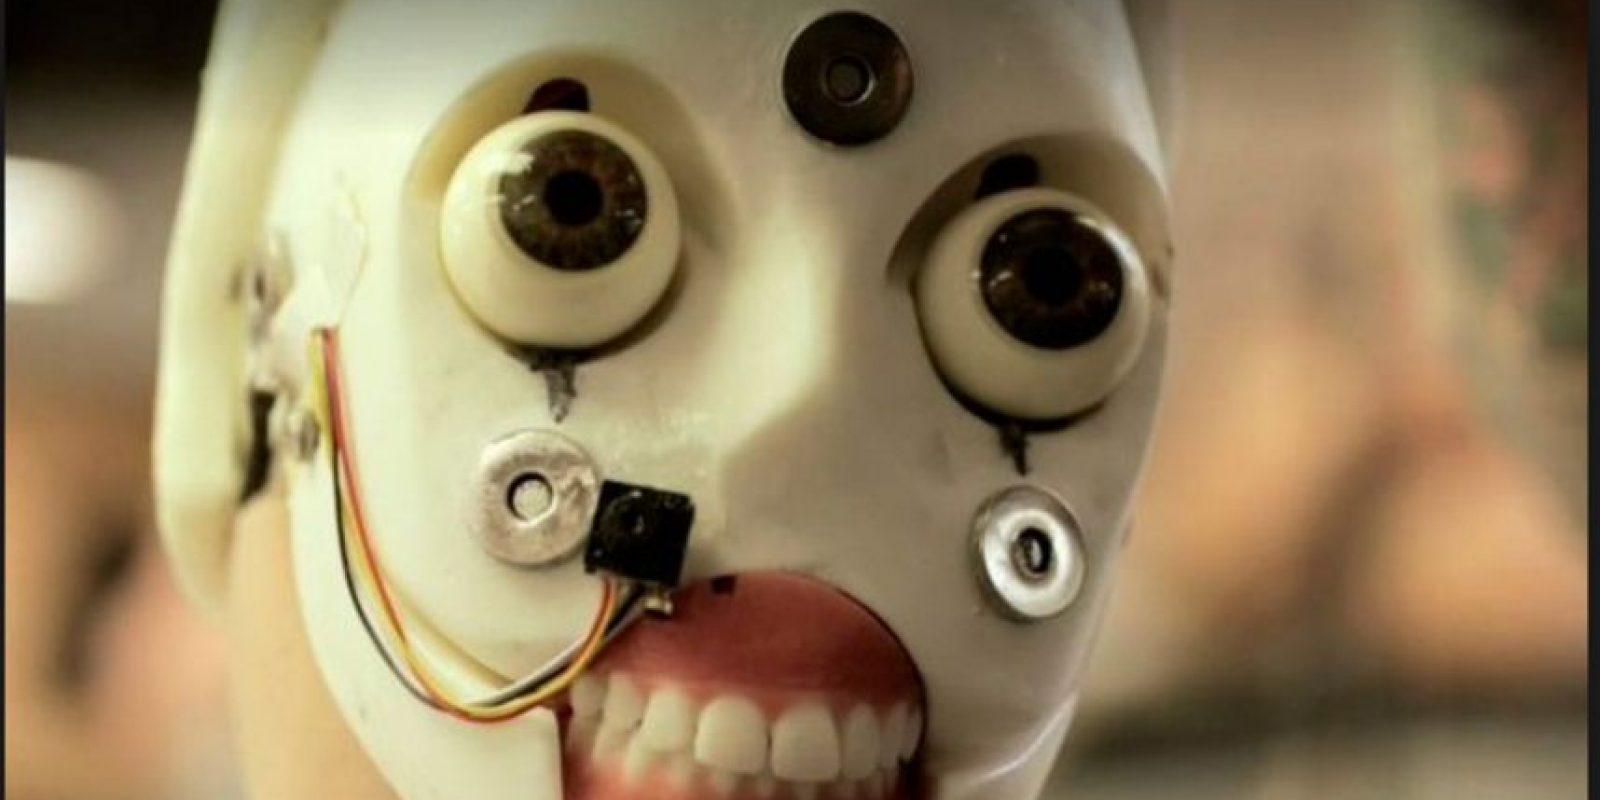 Este exámen evaluará la conducta del robot: si es demasiado humana, se destruirá por considerarse un peligro para la raza humana Foto:Imgur